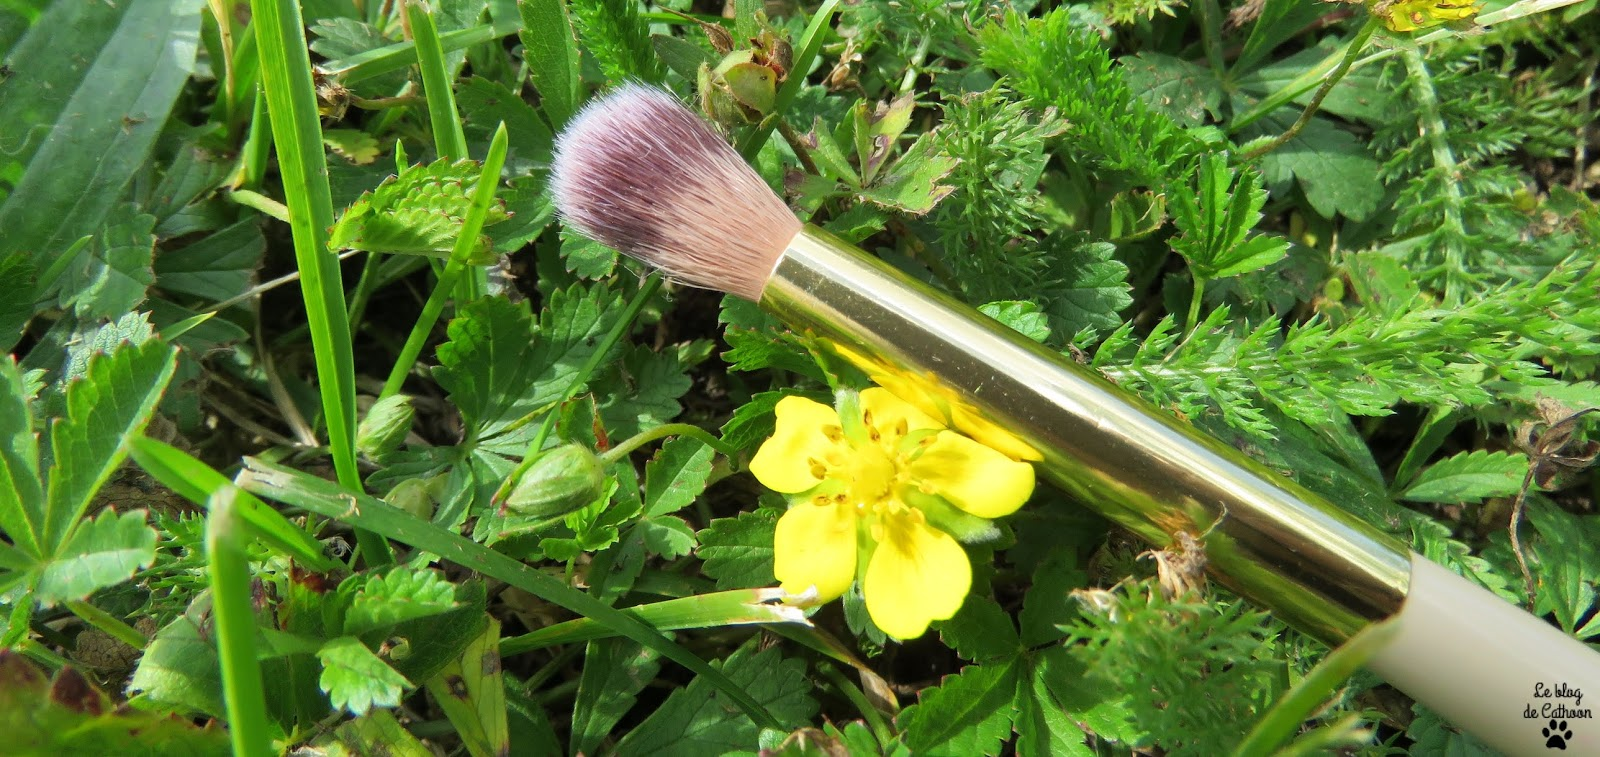 Pinceau Estompeur - N°9 - Bh Cosmetics